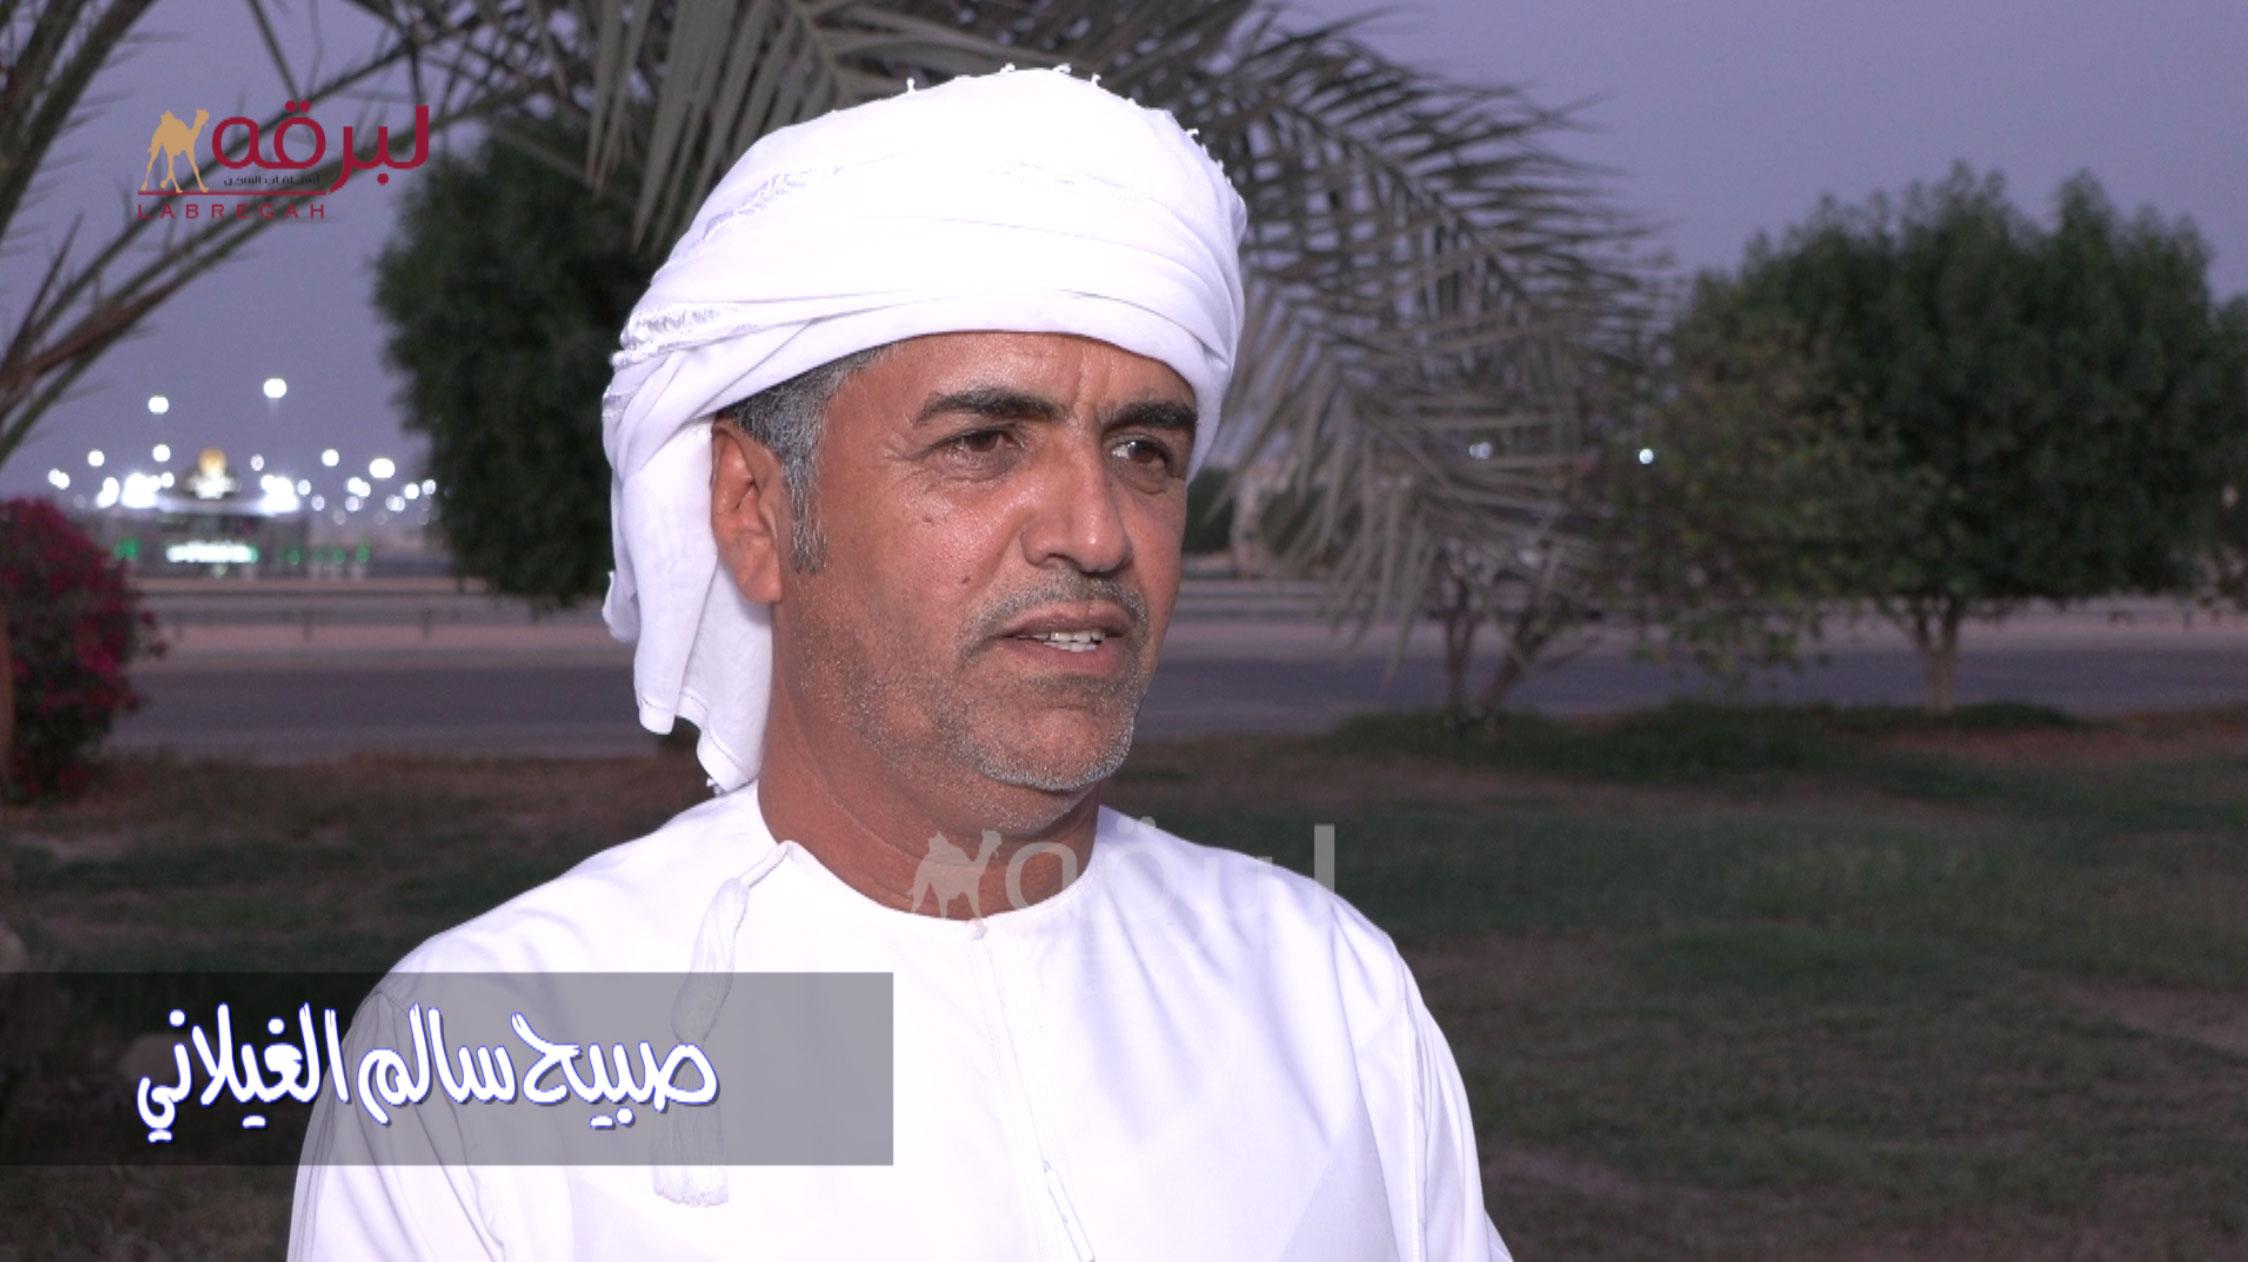 لقاء مع صبيح سالم الغيلاني.. الشوط الرئيسي للثنايا بكار (مفتوح) الأشواط العامة  ١٥-١٠-٢٠٢١